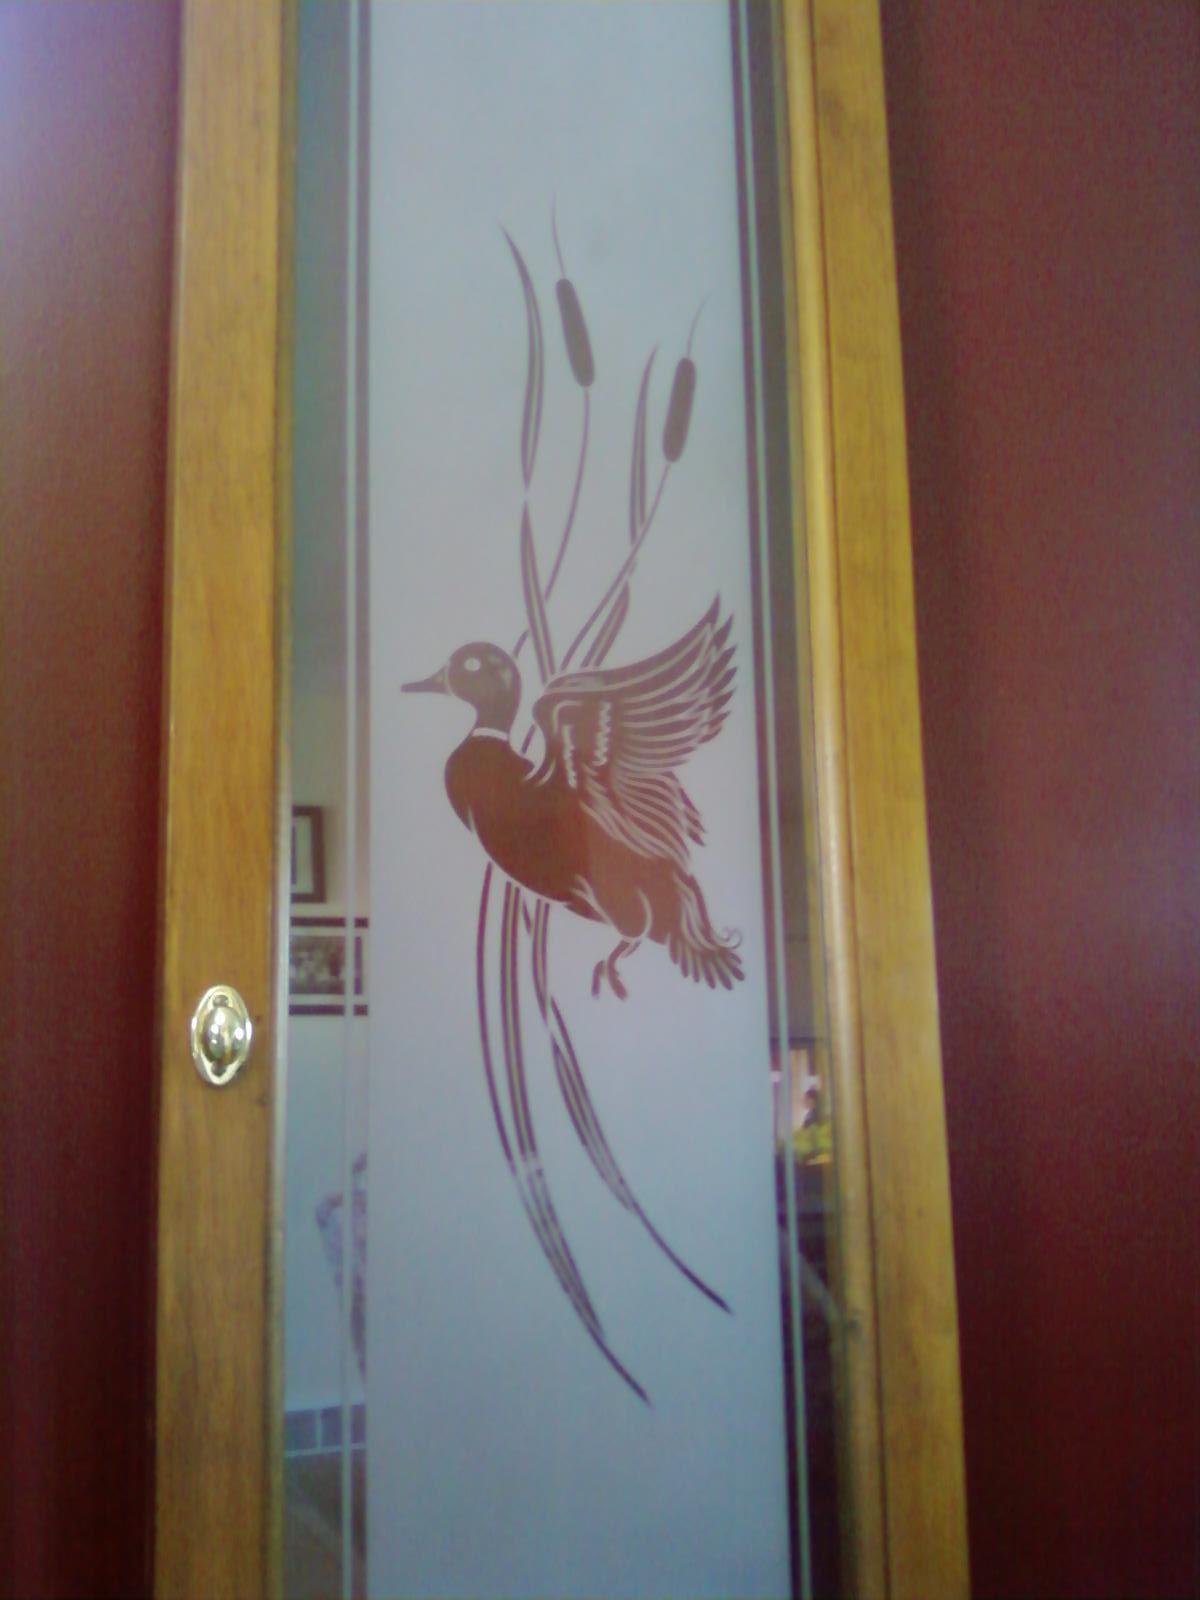 Cabinet door with etched scene of duck in flight onto ...